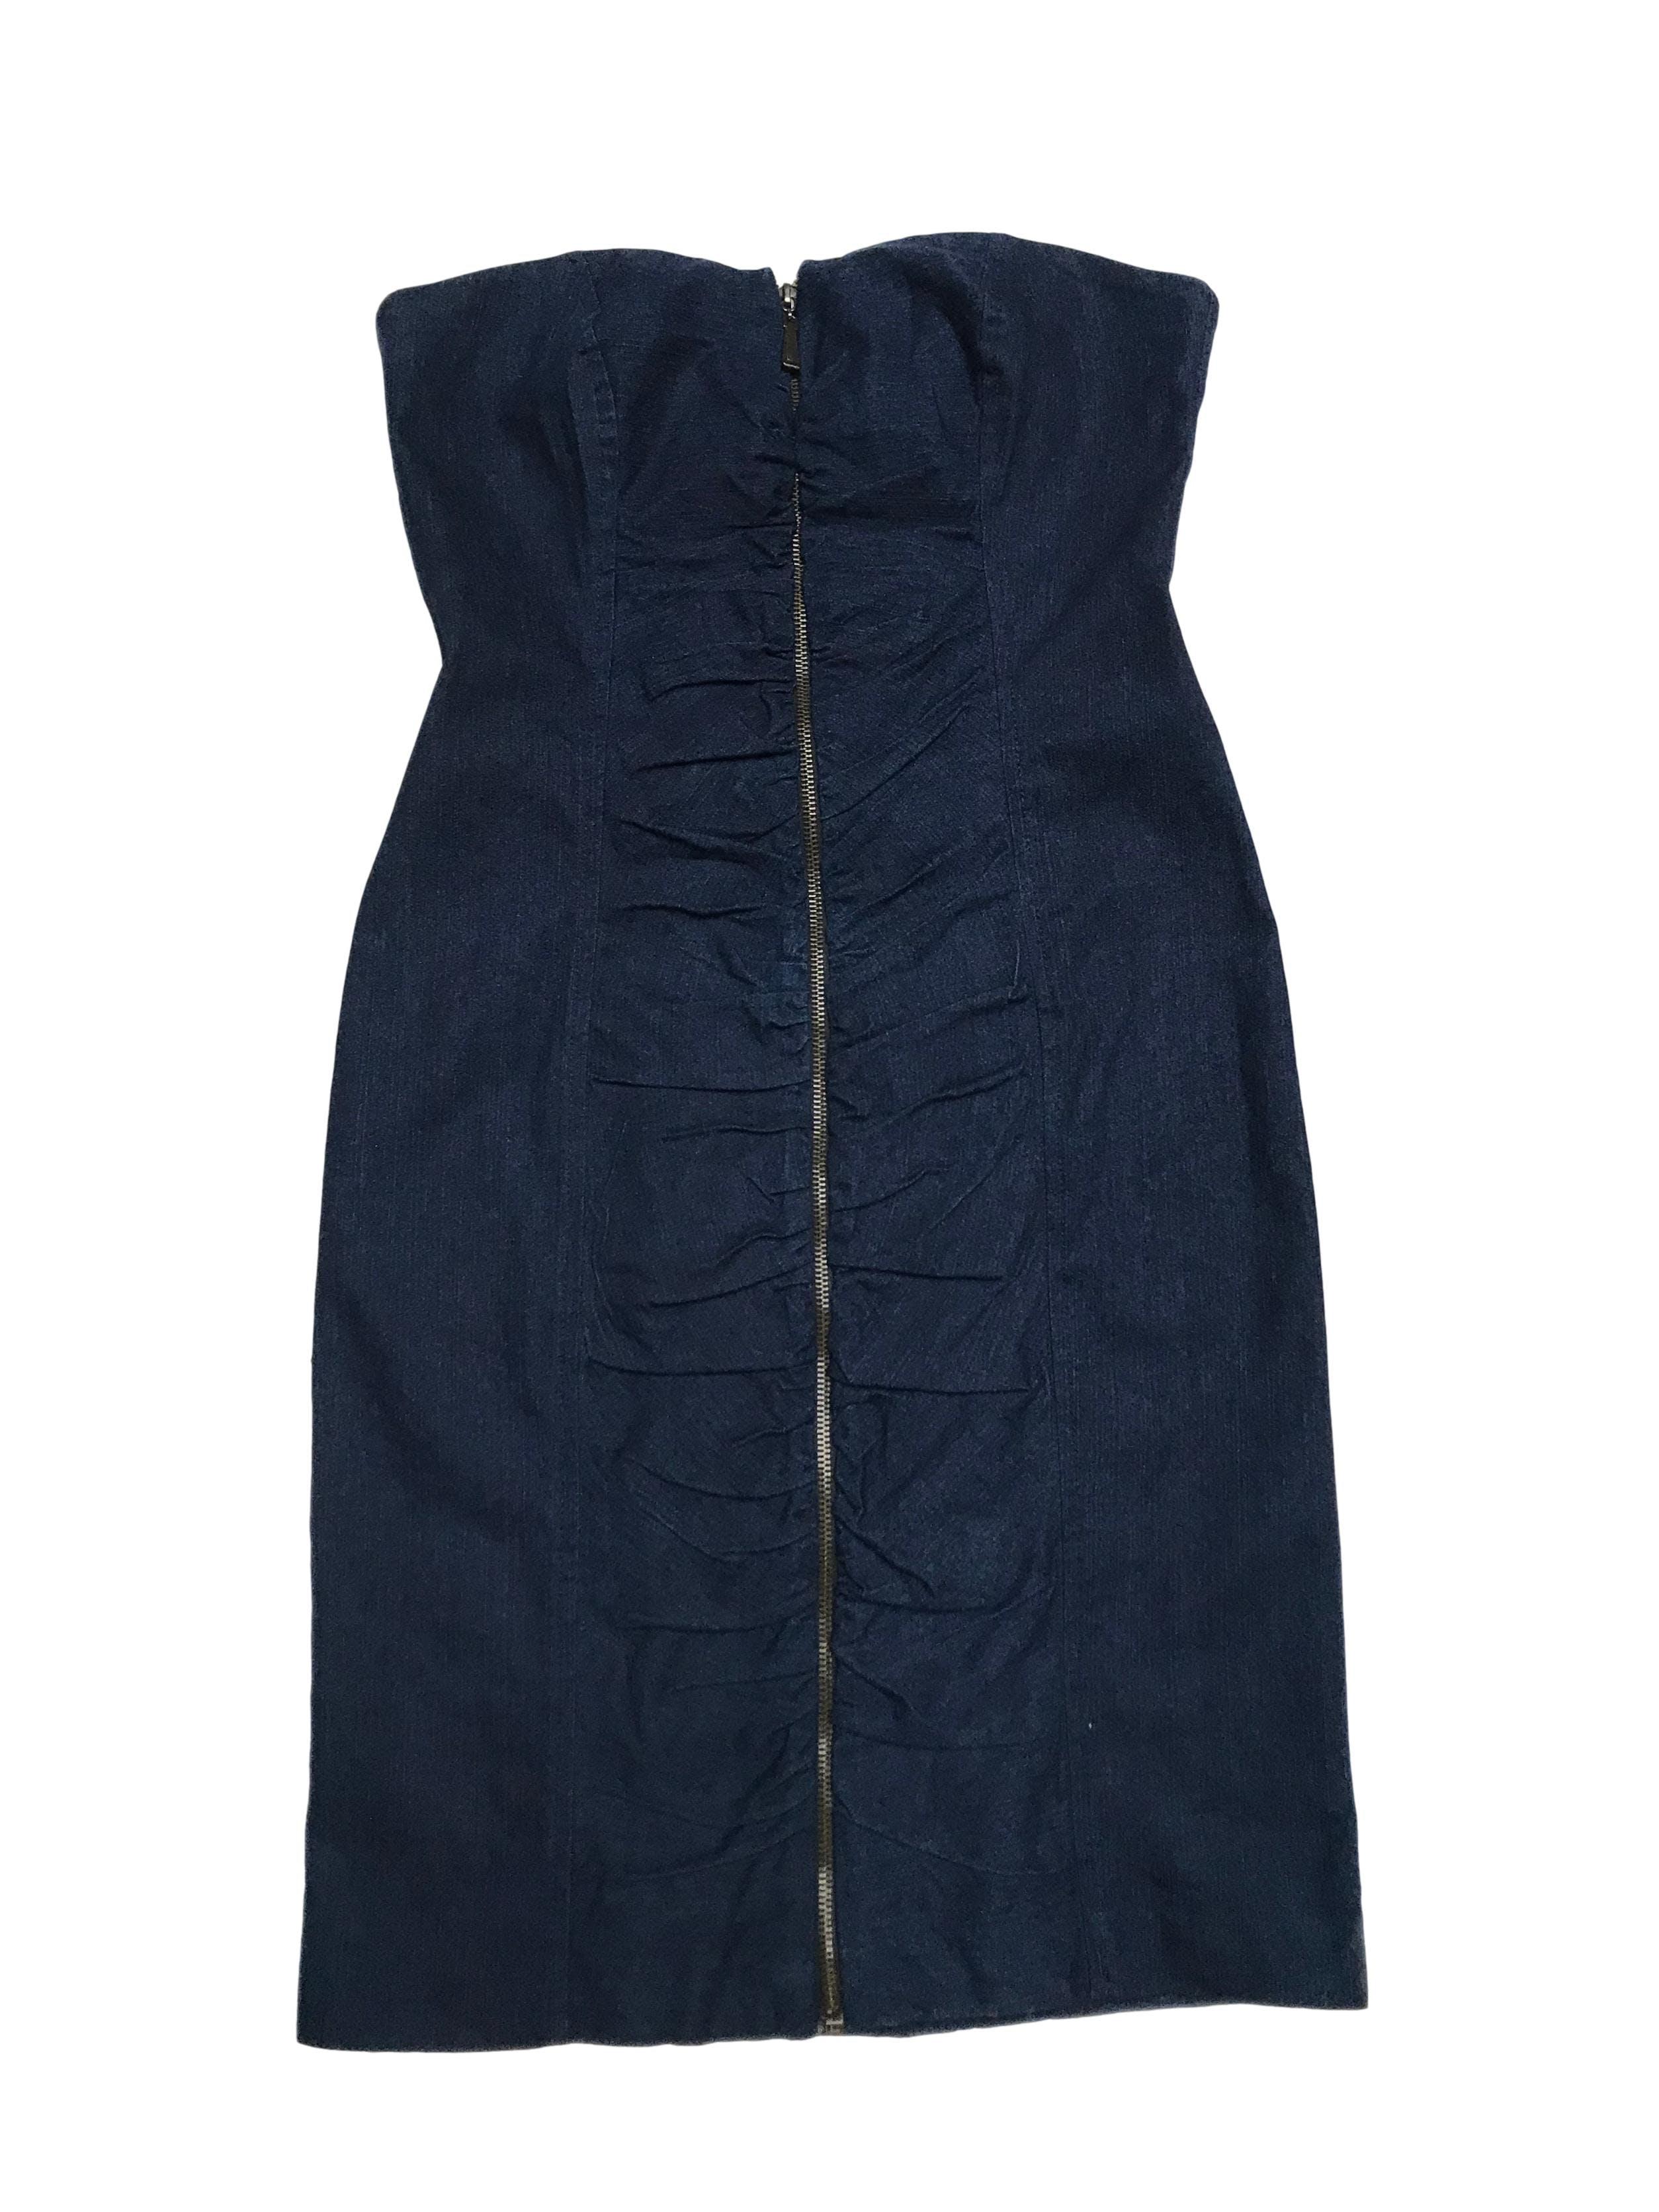 Vestido Basement straples de denim con cierre y drapeado central. Largo desde sisa 75cm